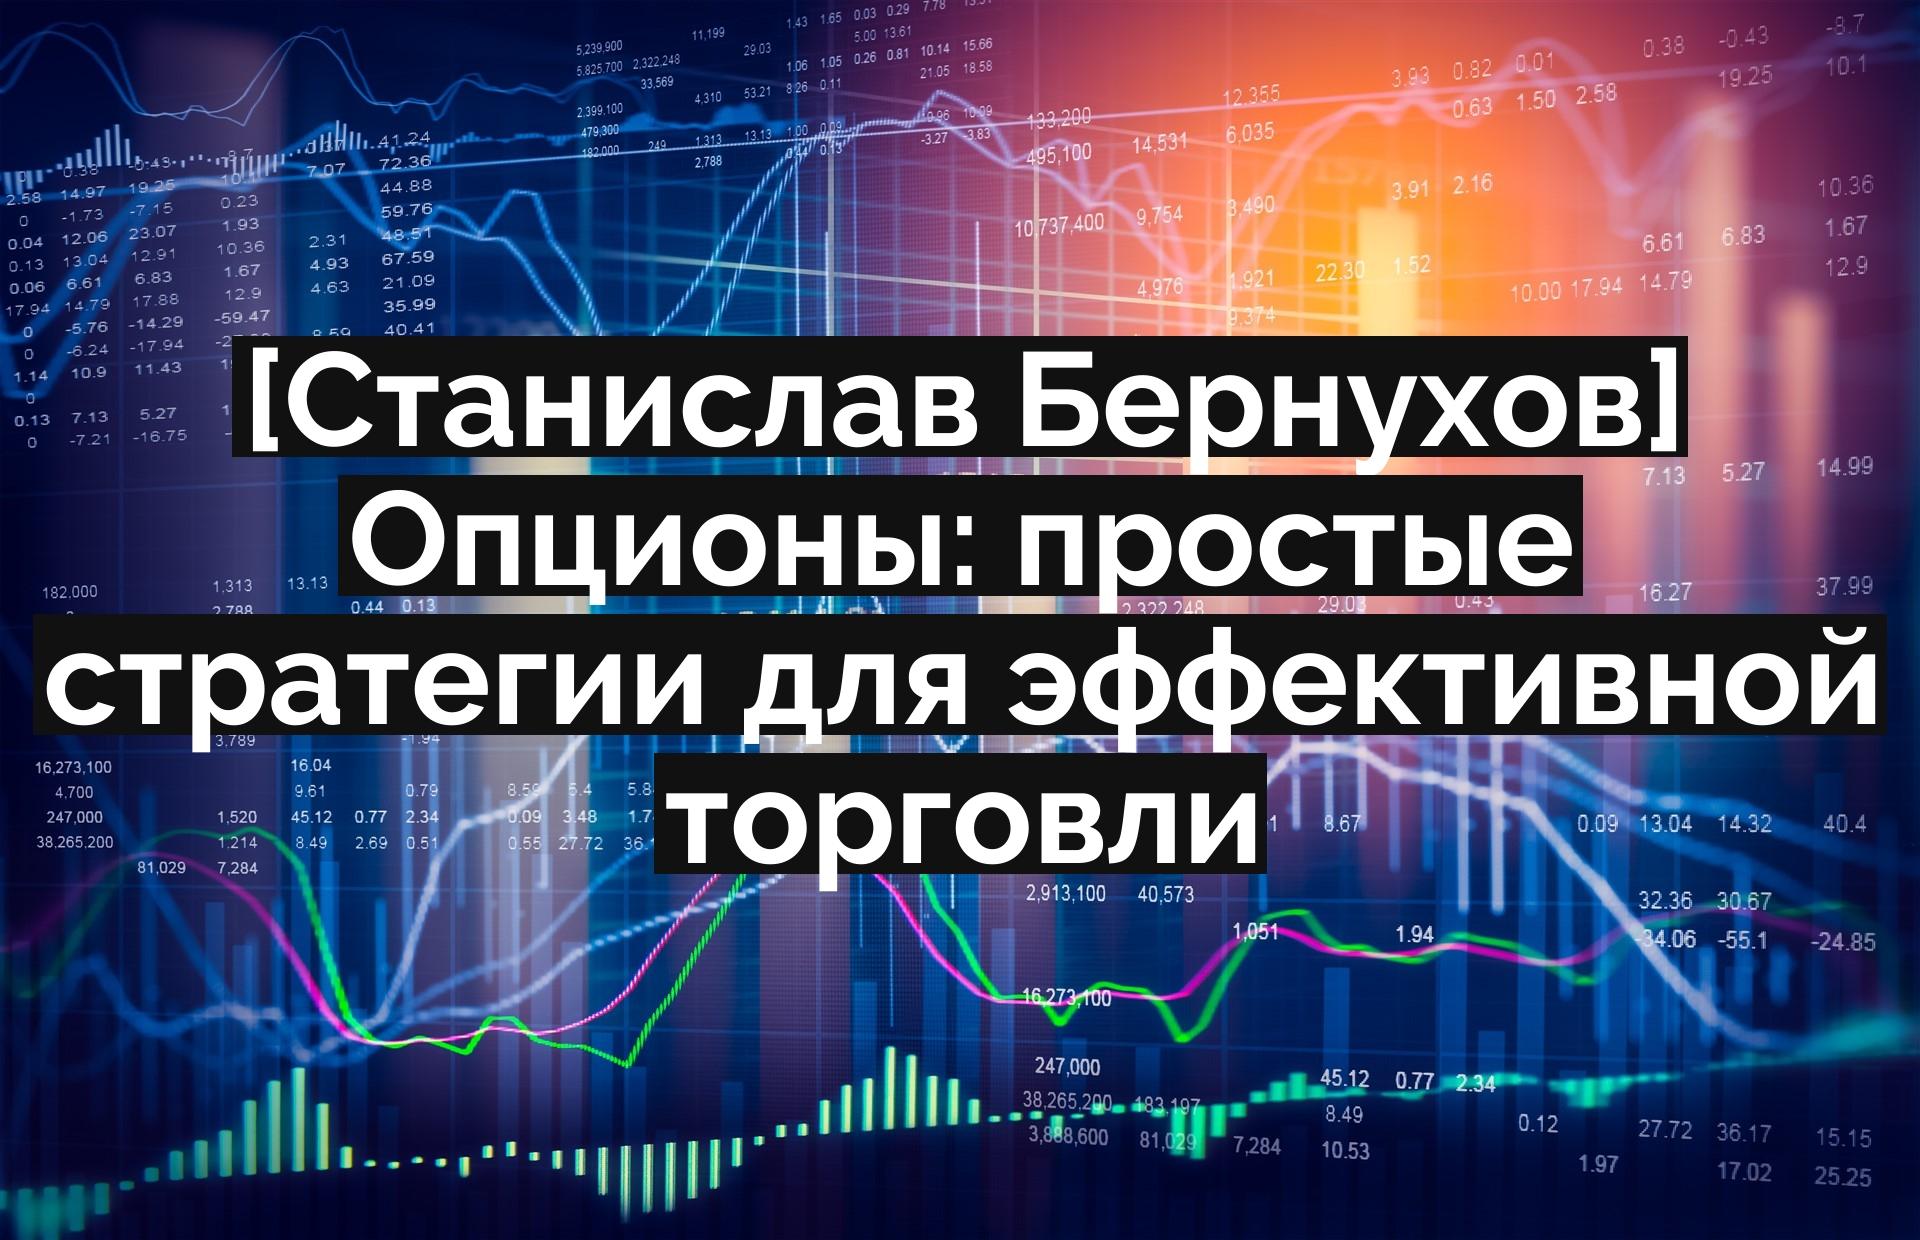 [Станислав Бернухов] Опционы: простые стратегии для эффективной торговли